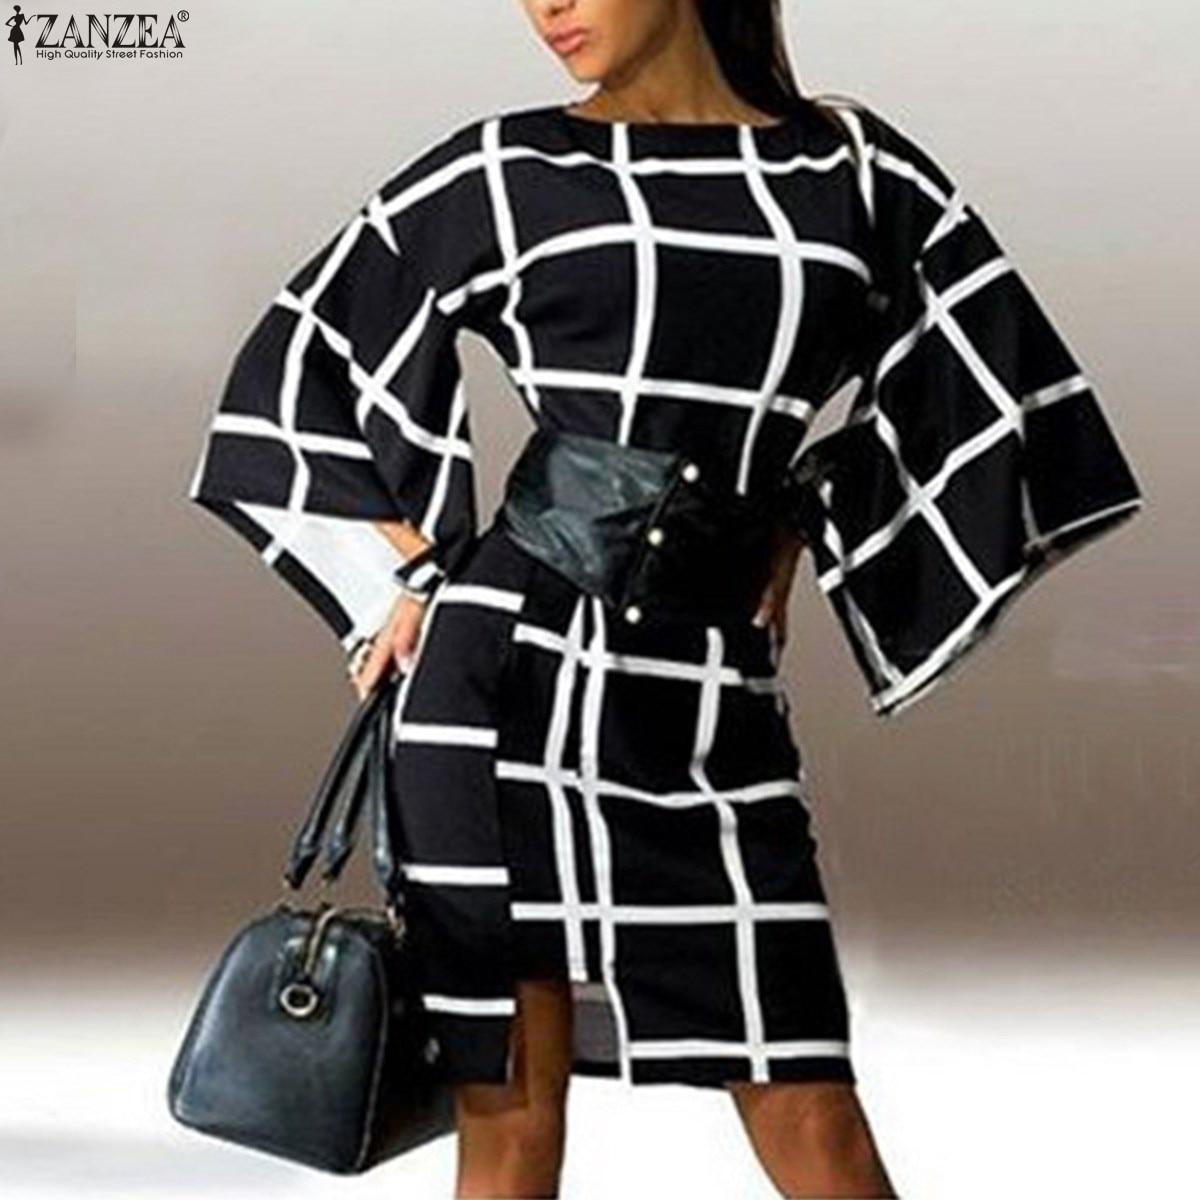 2018 Őszi ZANZEA Női kockás ruha Retro fél ruha Női fáklya - Női ruházat